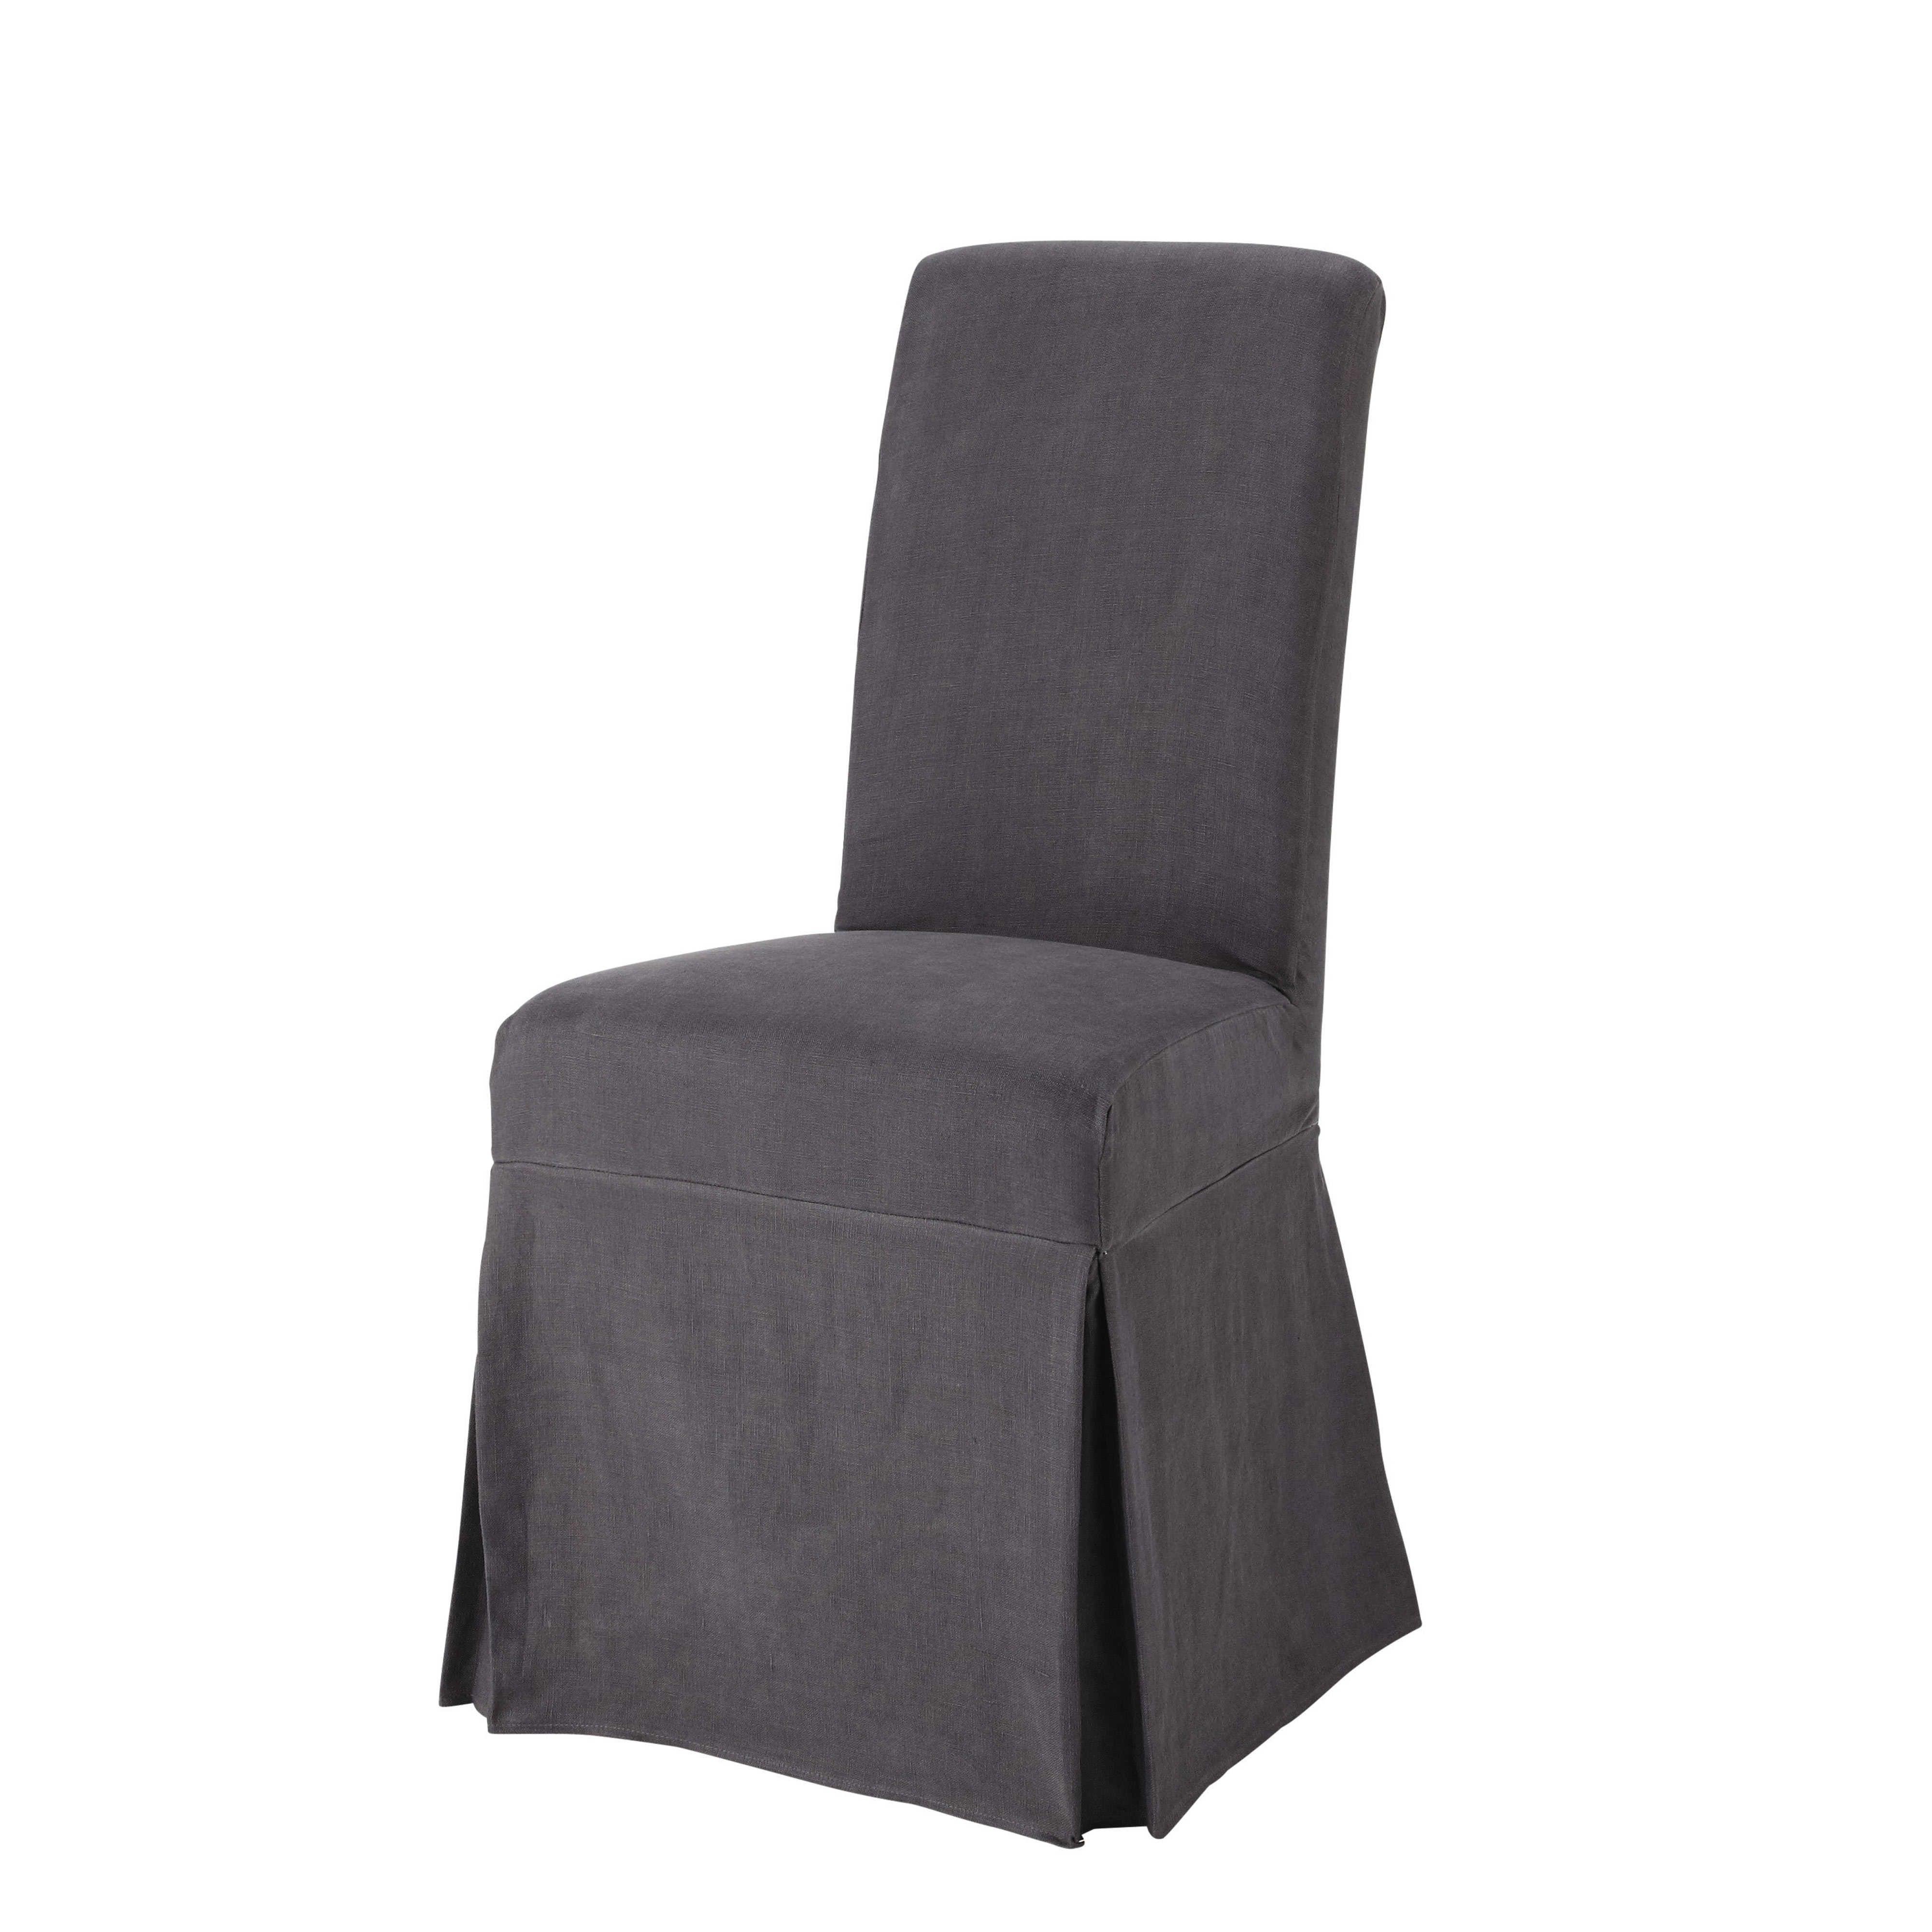 Margaux Fodera lunga color antracite in lino slavato per sedia